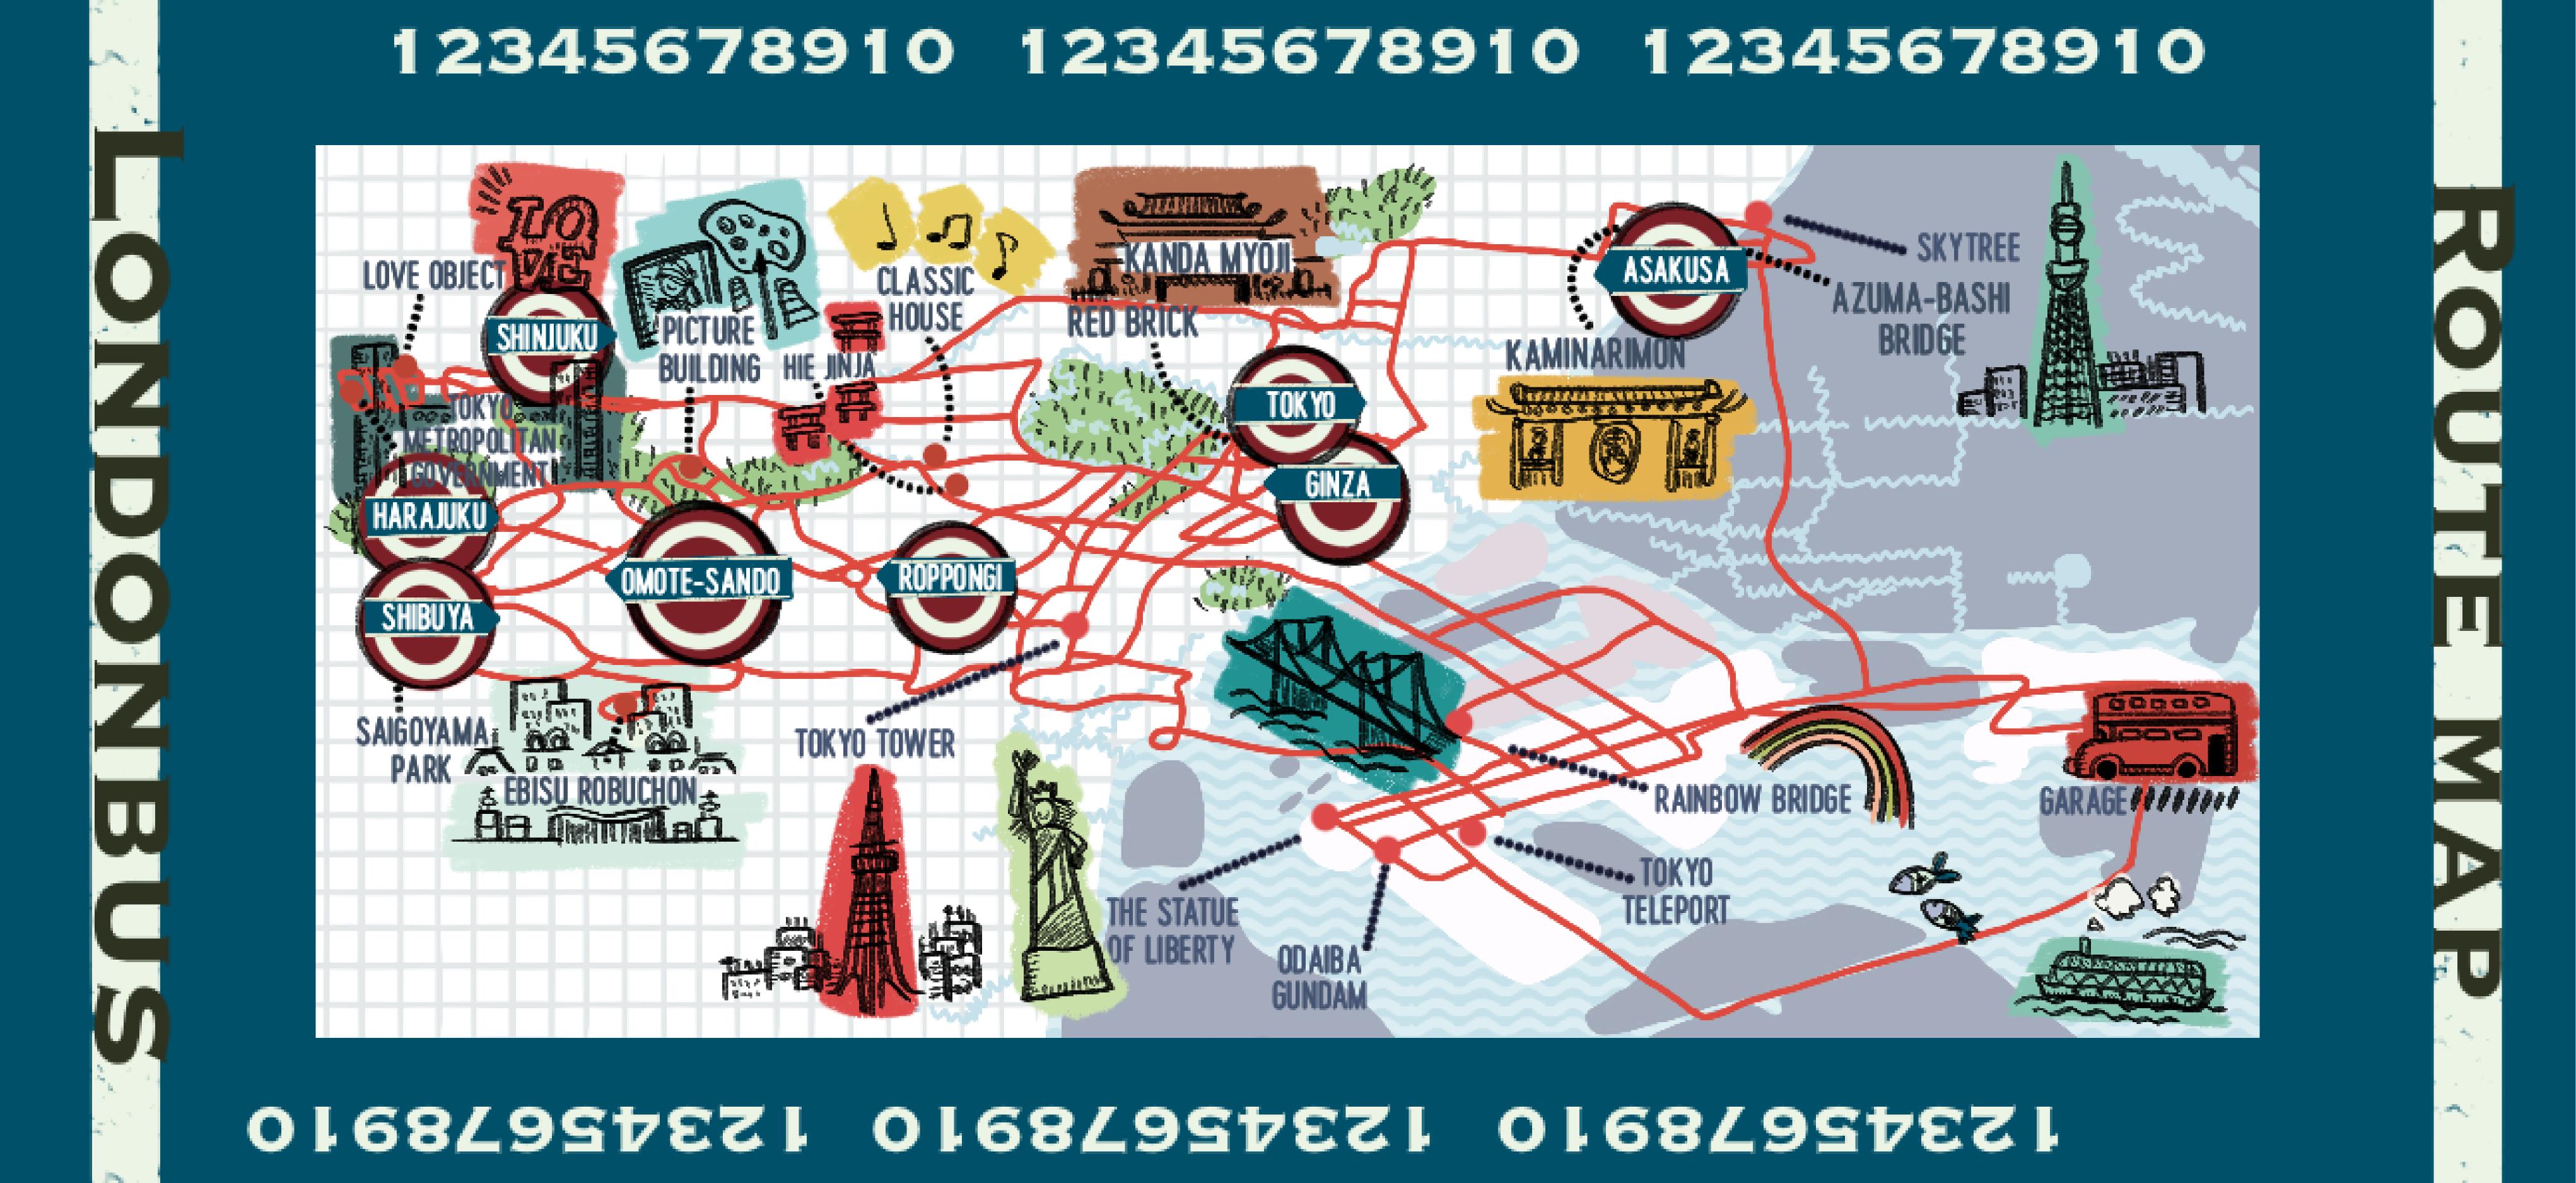 londonbusmap